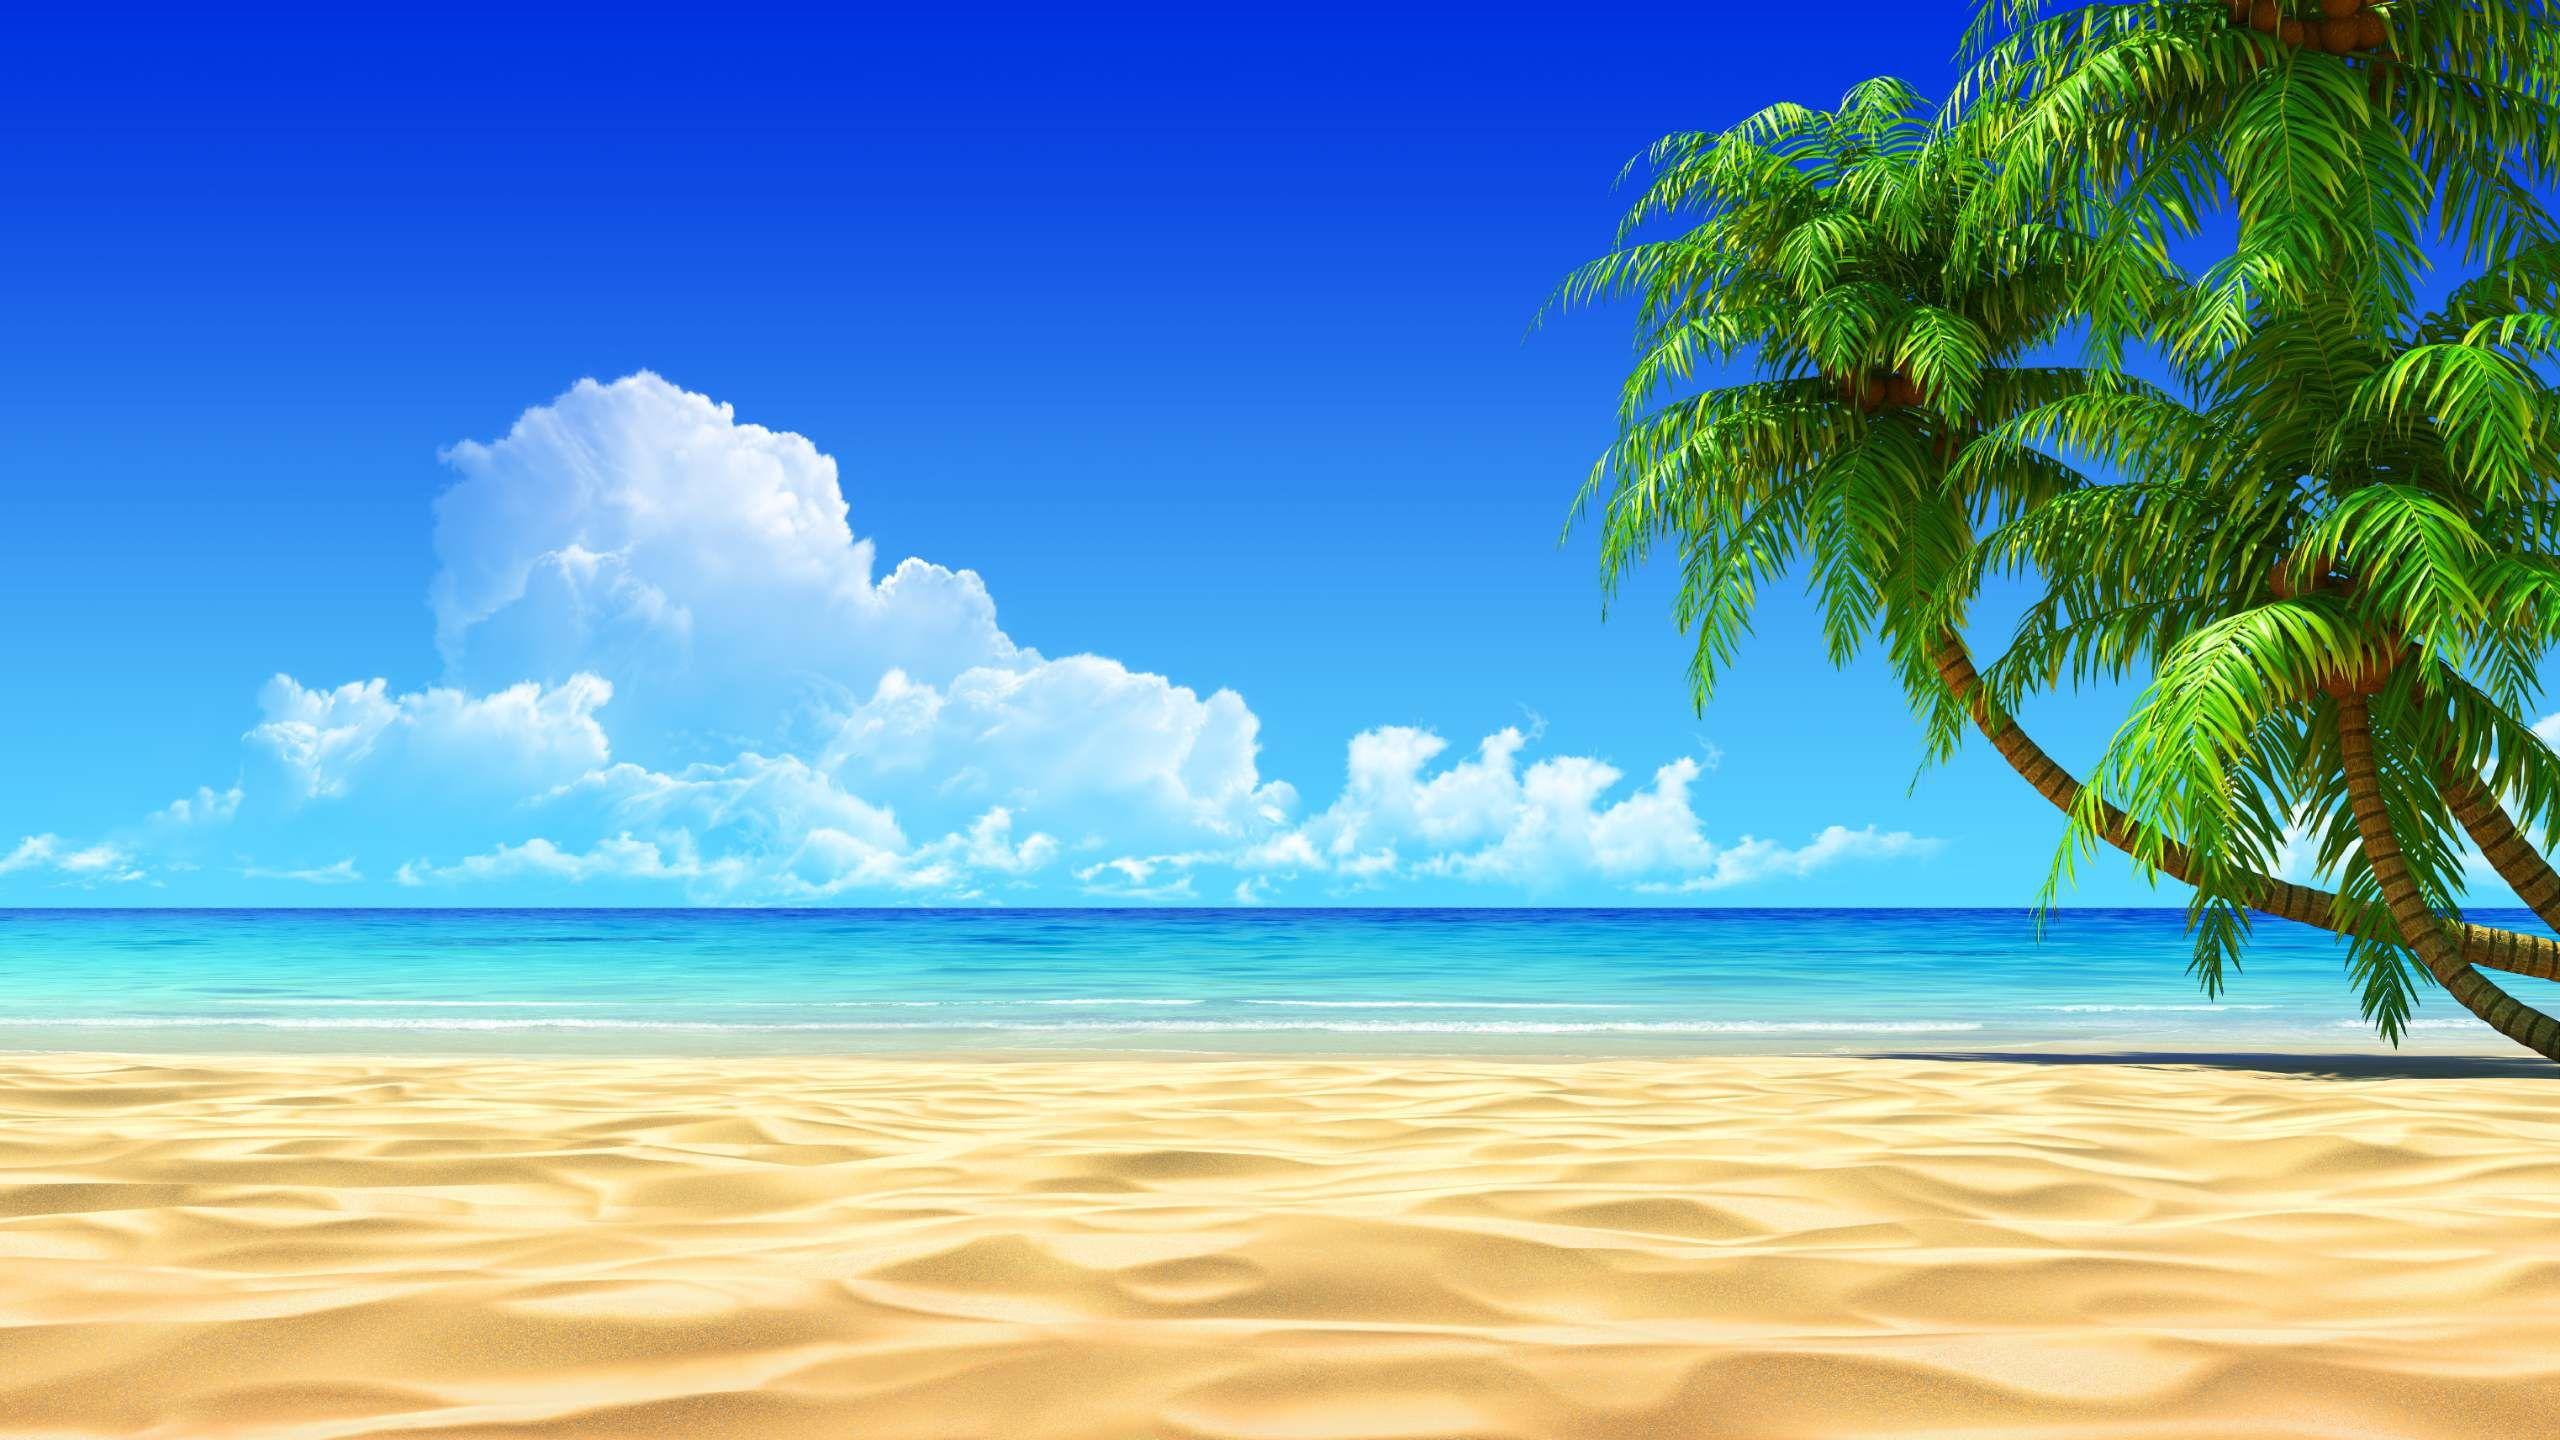 Desktop Background Images Hd Download